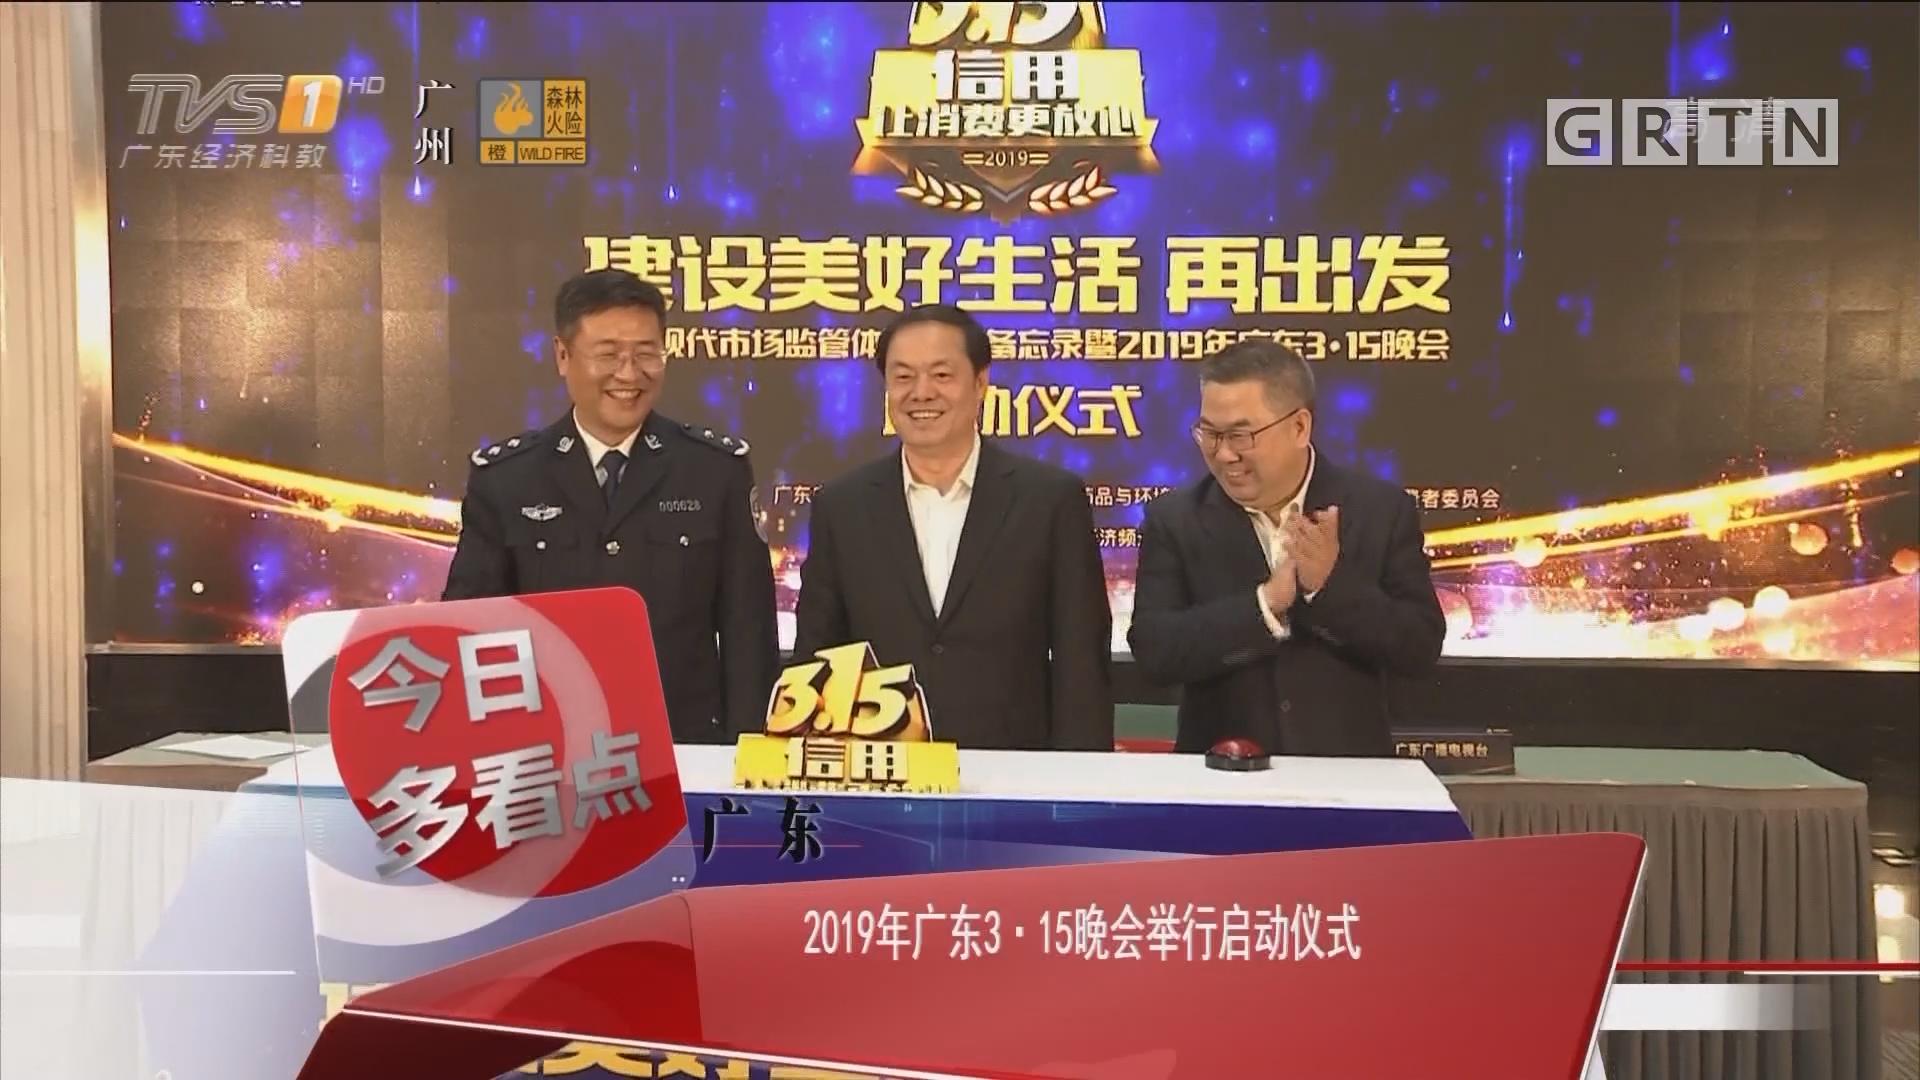 广东:2019年广东3·15晚会举行启动仪式